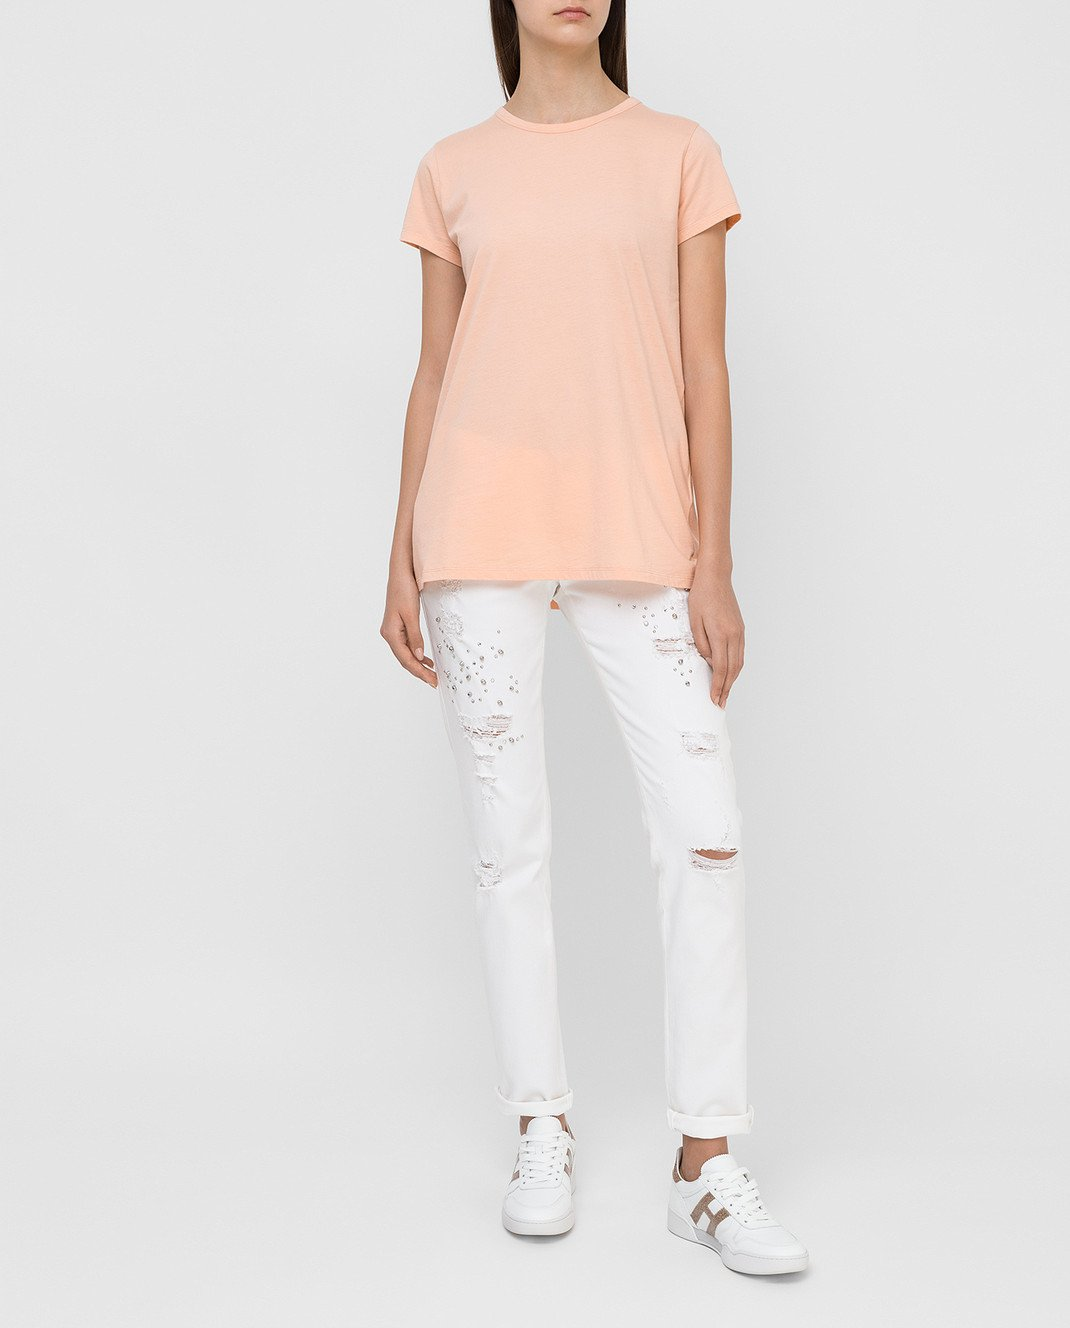 Blugirl Белые джинсы 1502 изображение 2